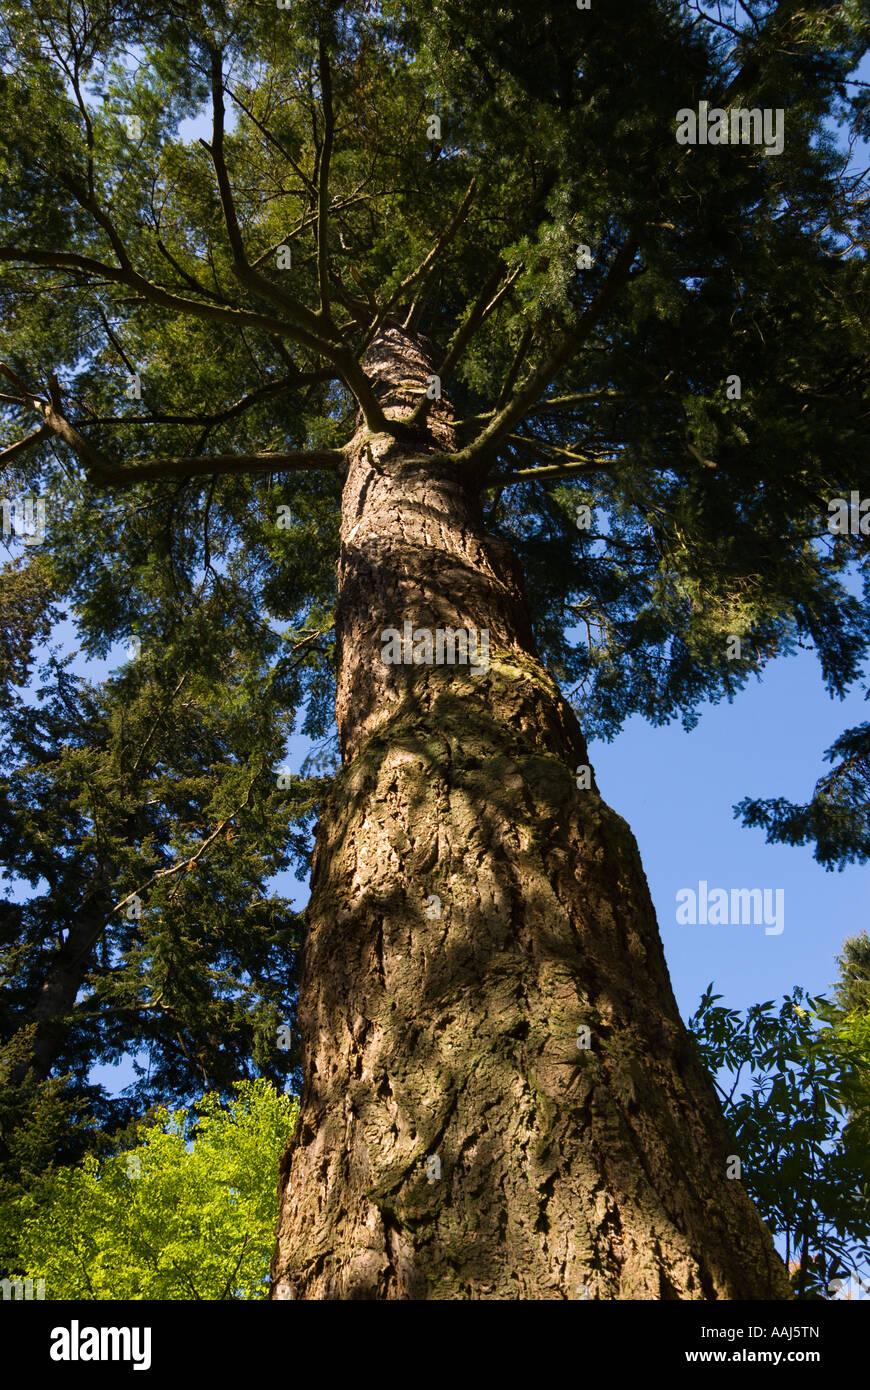 Douglas Fir Tree Pseuodtsuga Menziesii At Dawyck Botanical